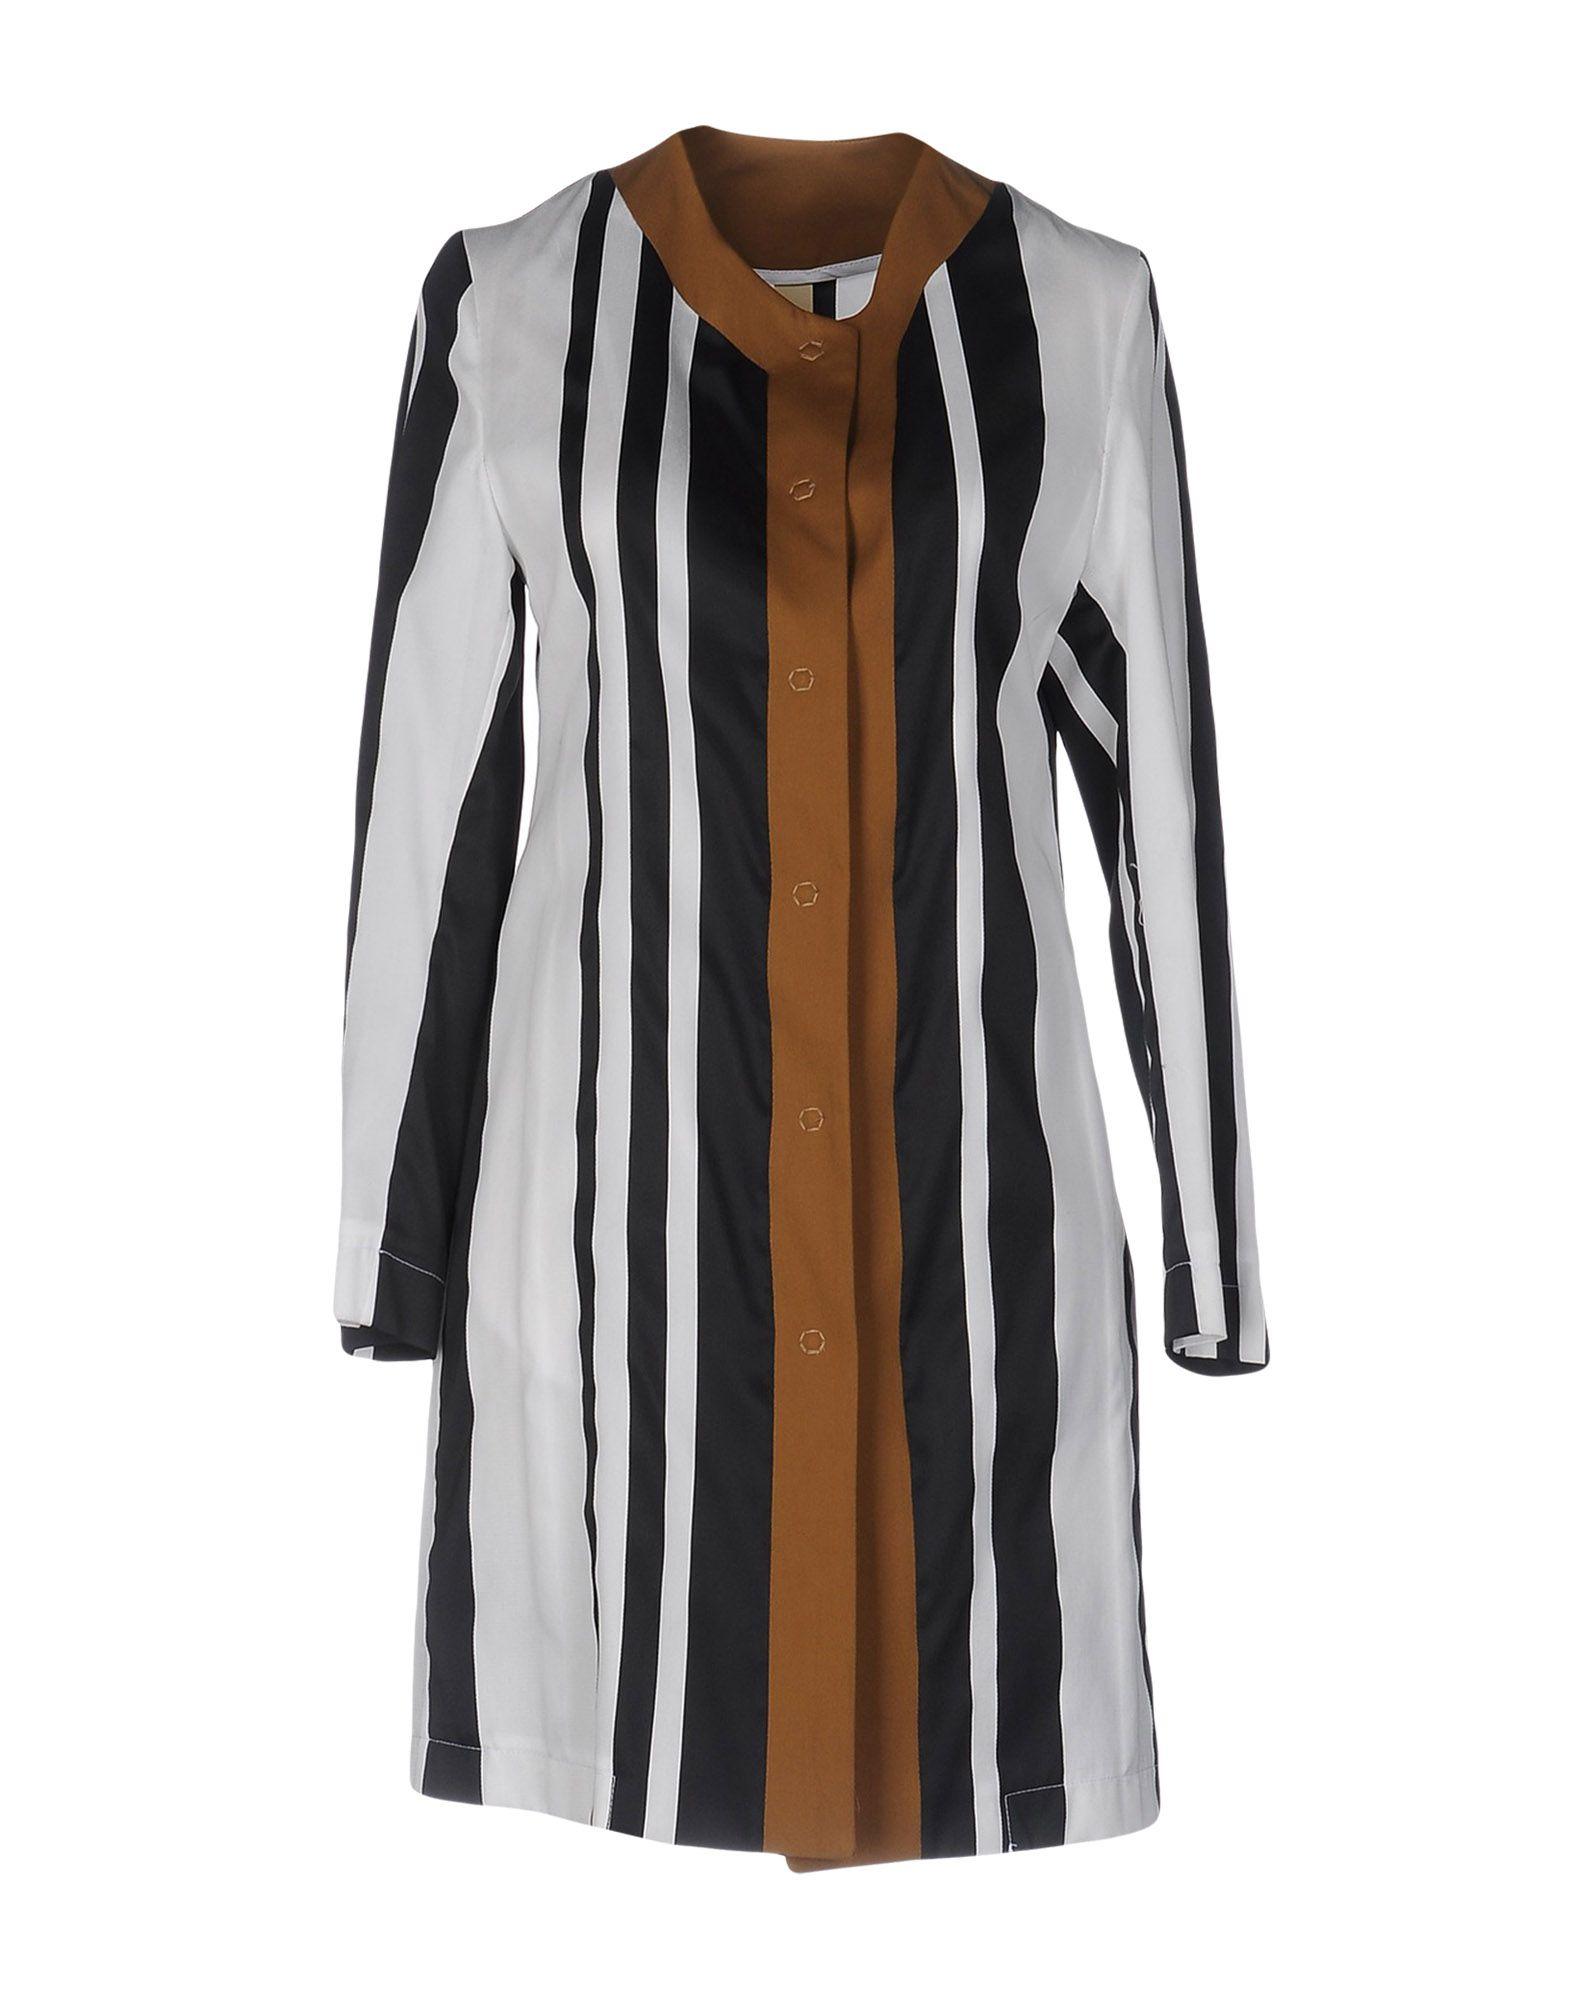 GUTTHA Damen Lange Jacke Farbe Kamel Größe 6 jetztbilligerkaufen